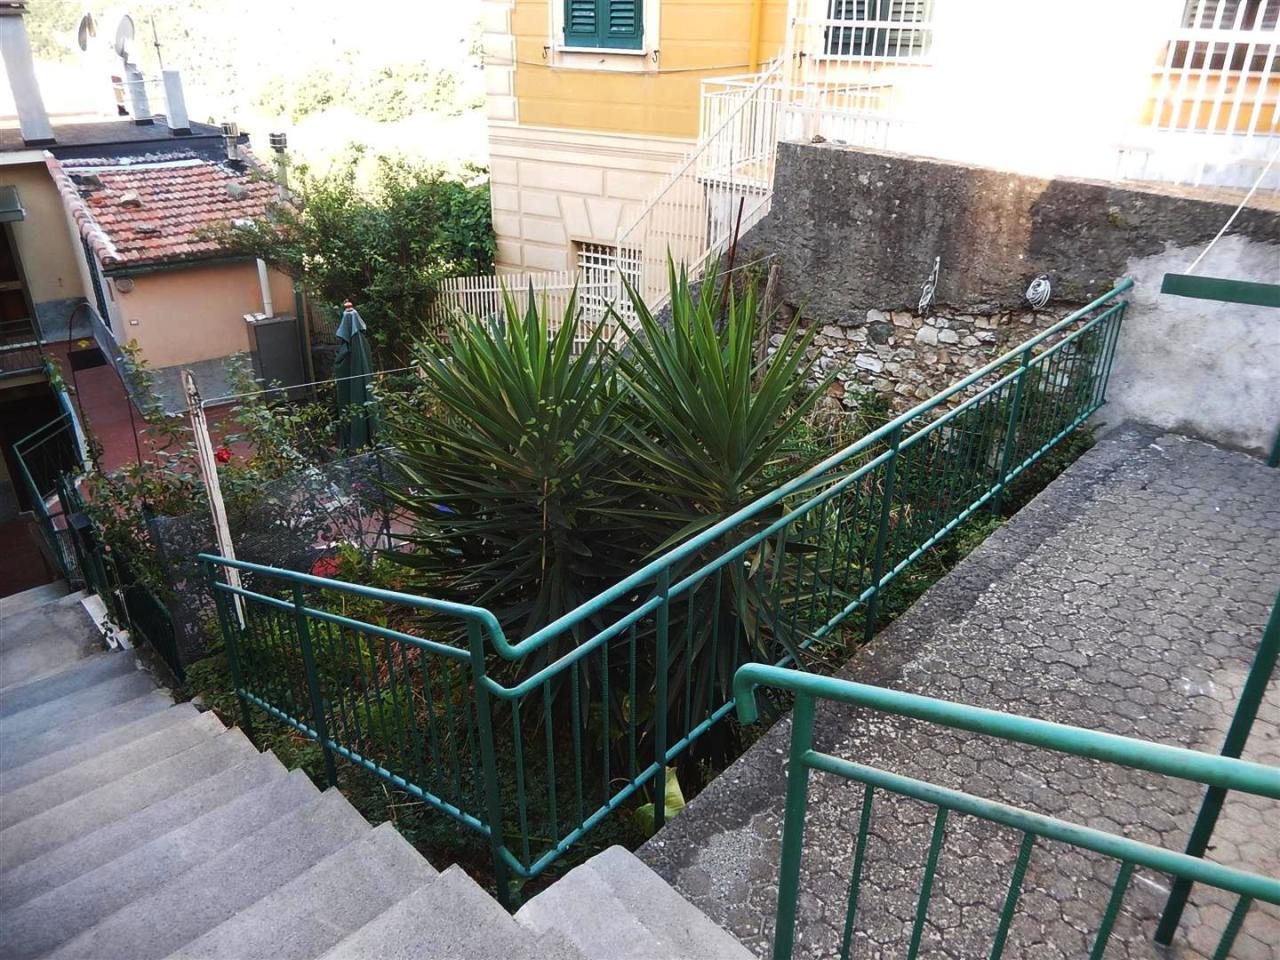 Apartment, 70 Mq, Sale - Castiglione Chiavarese